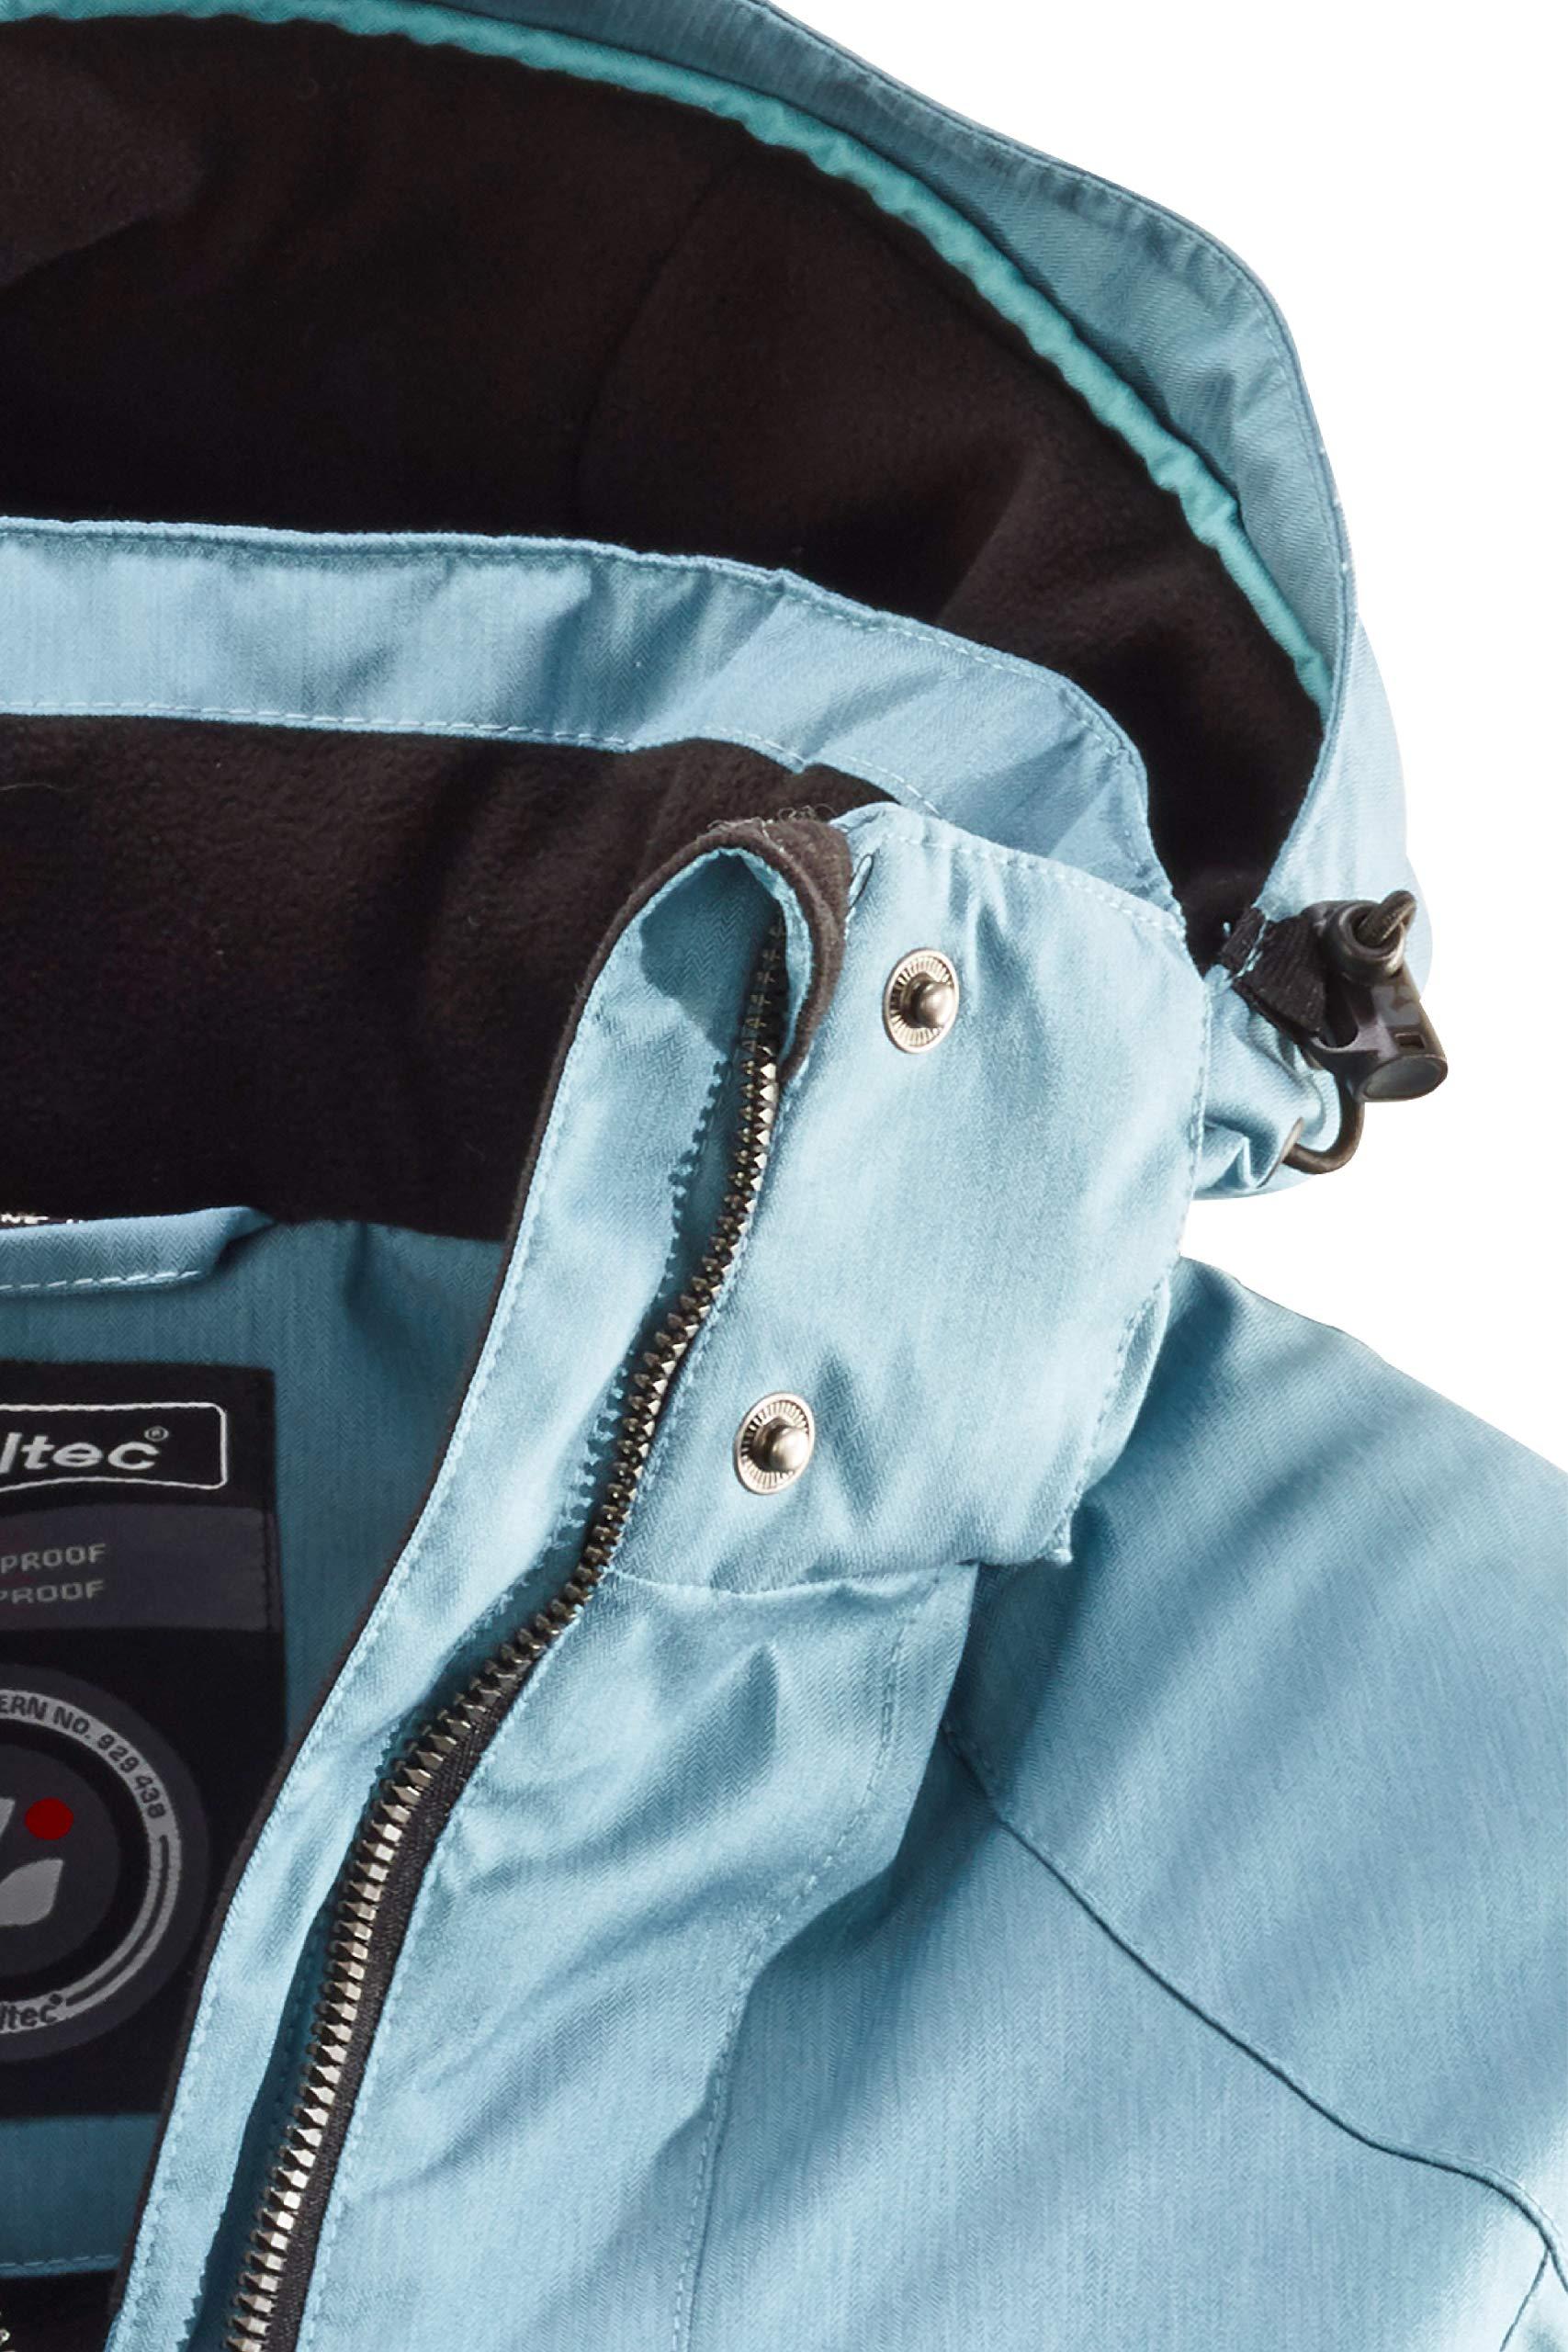 81joq dEWNL - killtec Women's Zala Functional Jacket with Zip-Off Hood